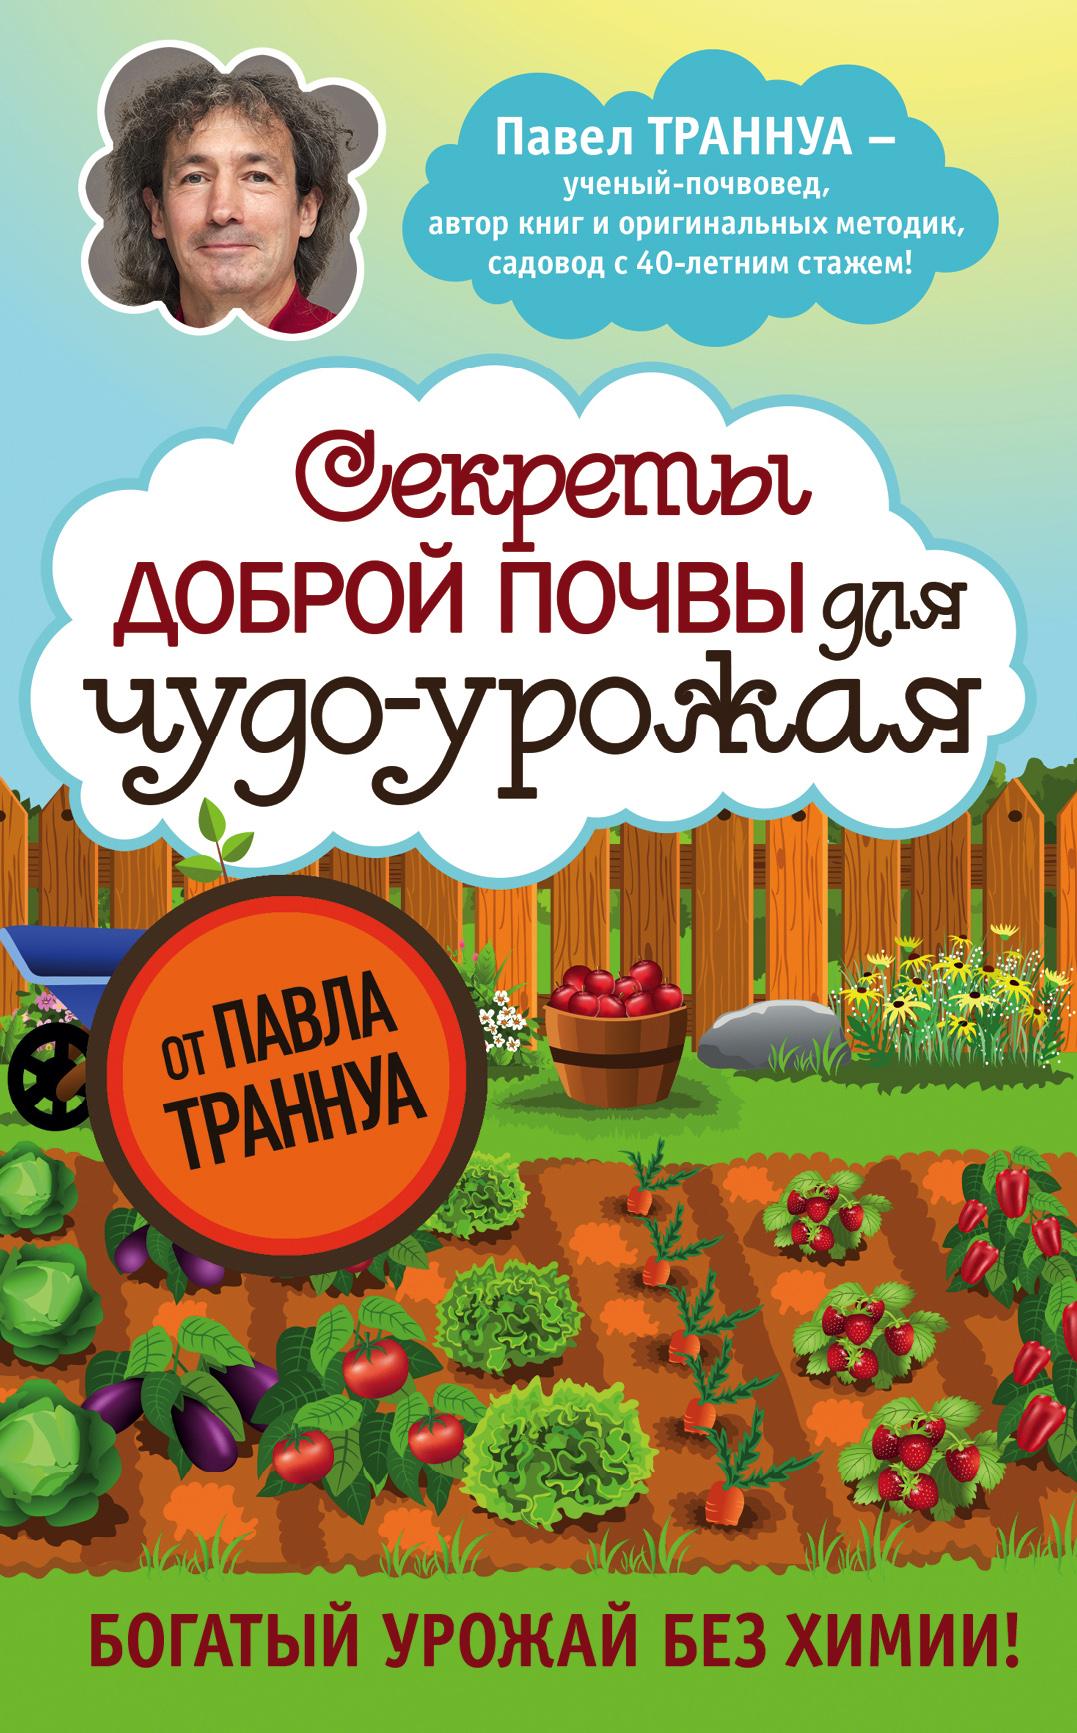 Павел Траннуа Секреты доброй почвы для чудо-урожая